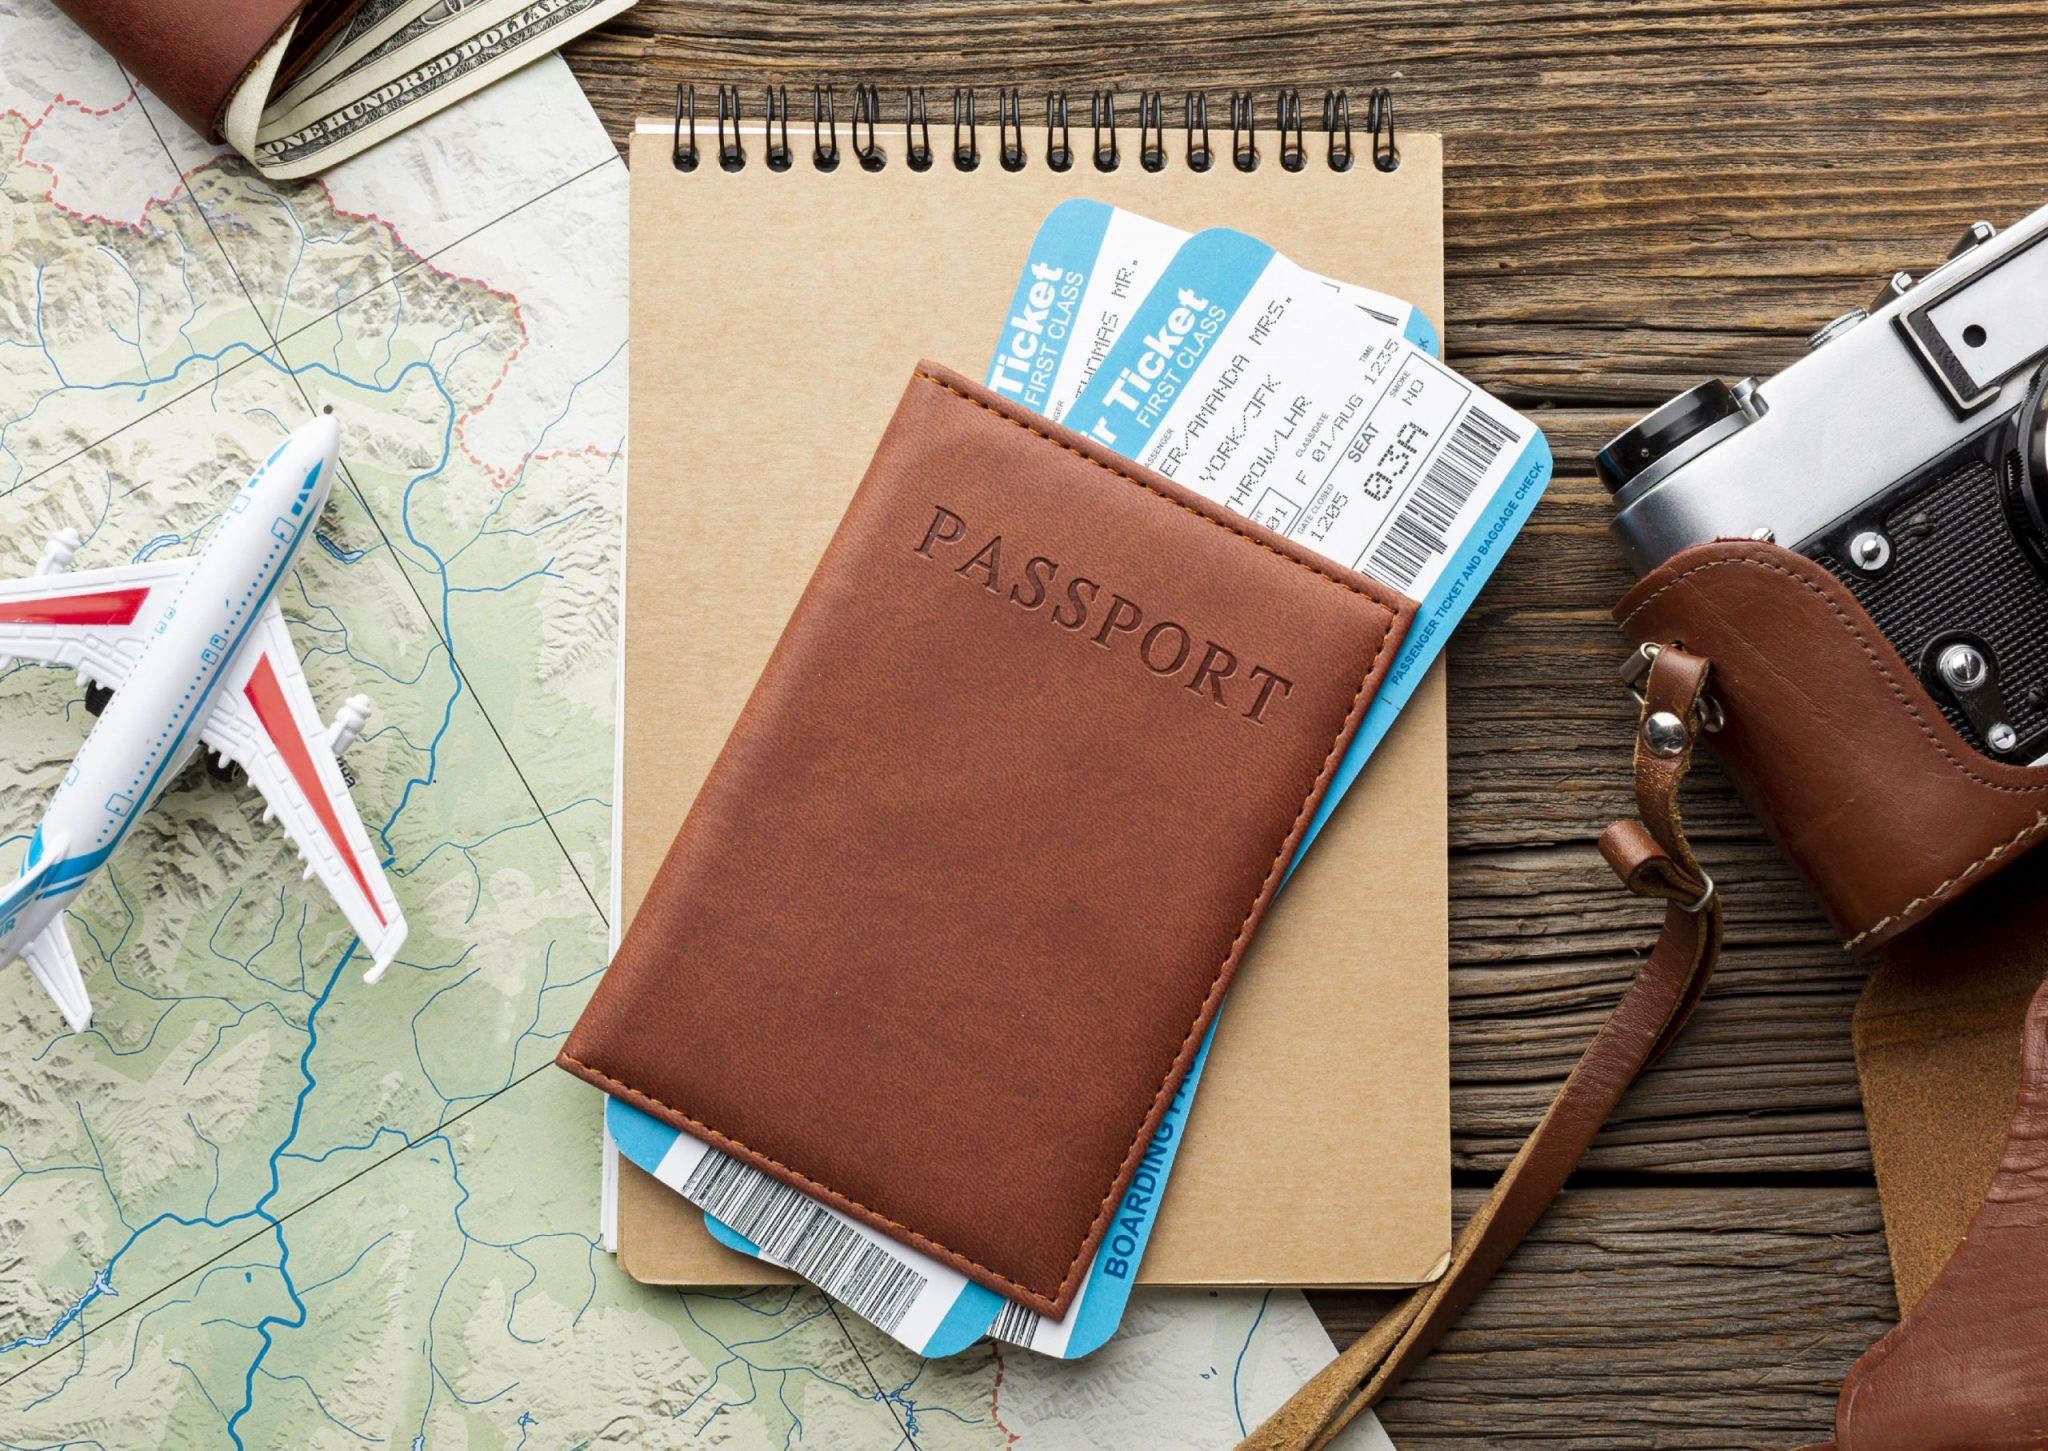 出國必備工具:咖啡色護照機票筆記本底下有地圖